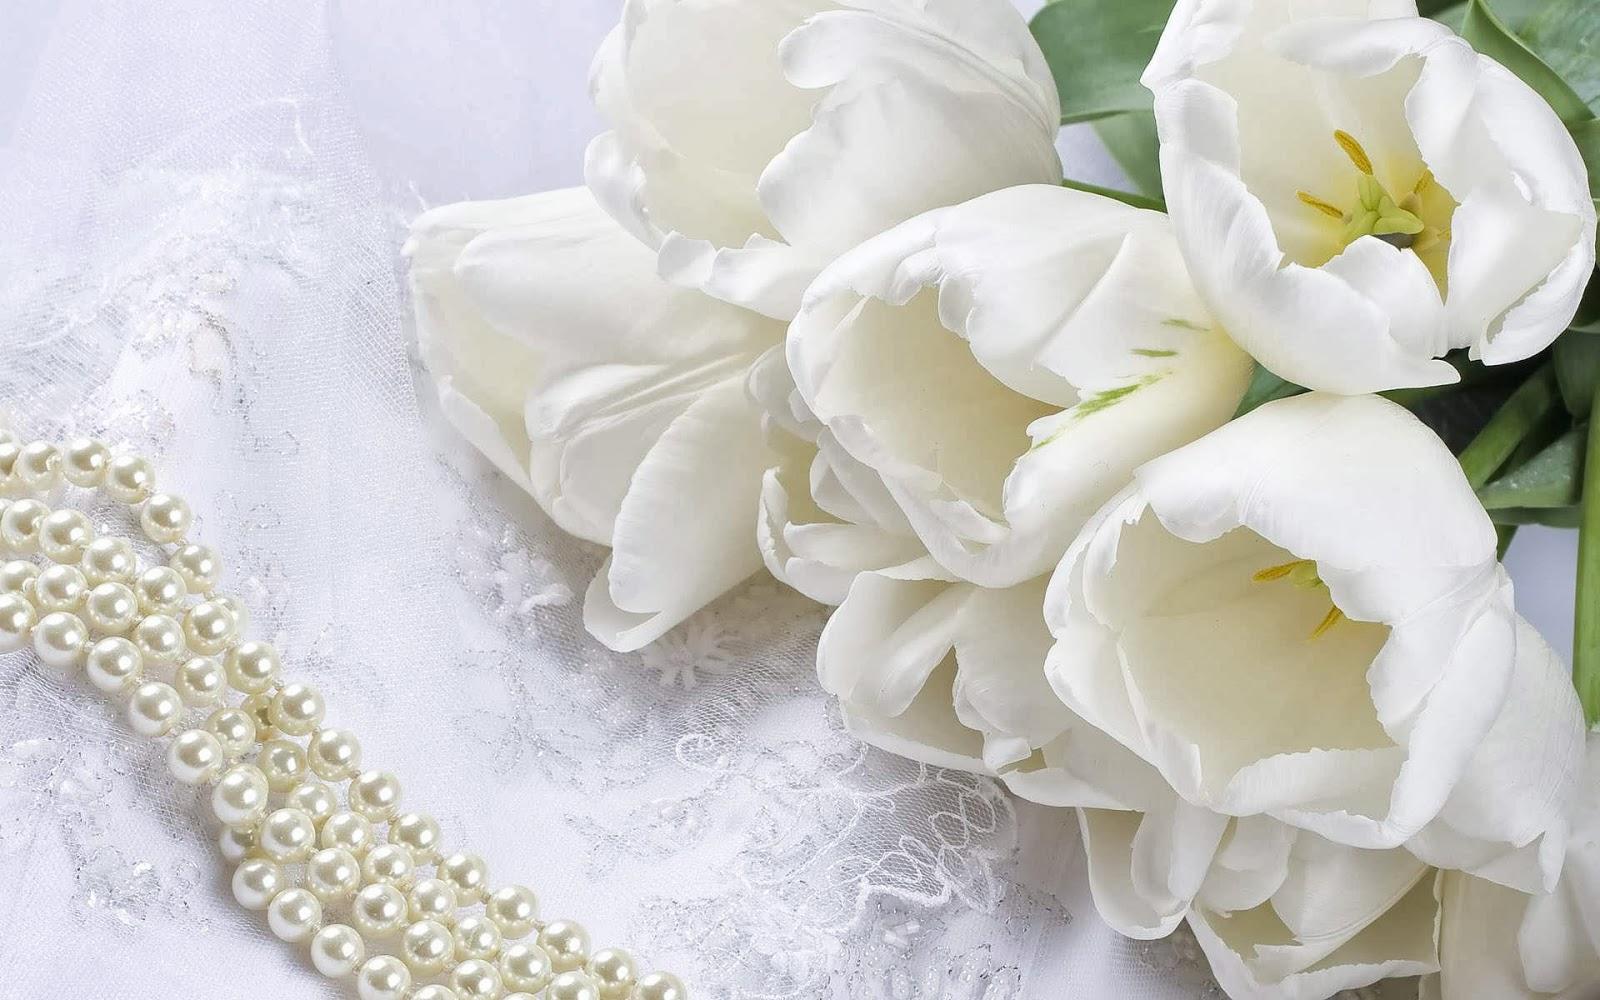 Mawar Putih Bunga mawar putih cantik